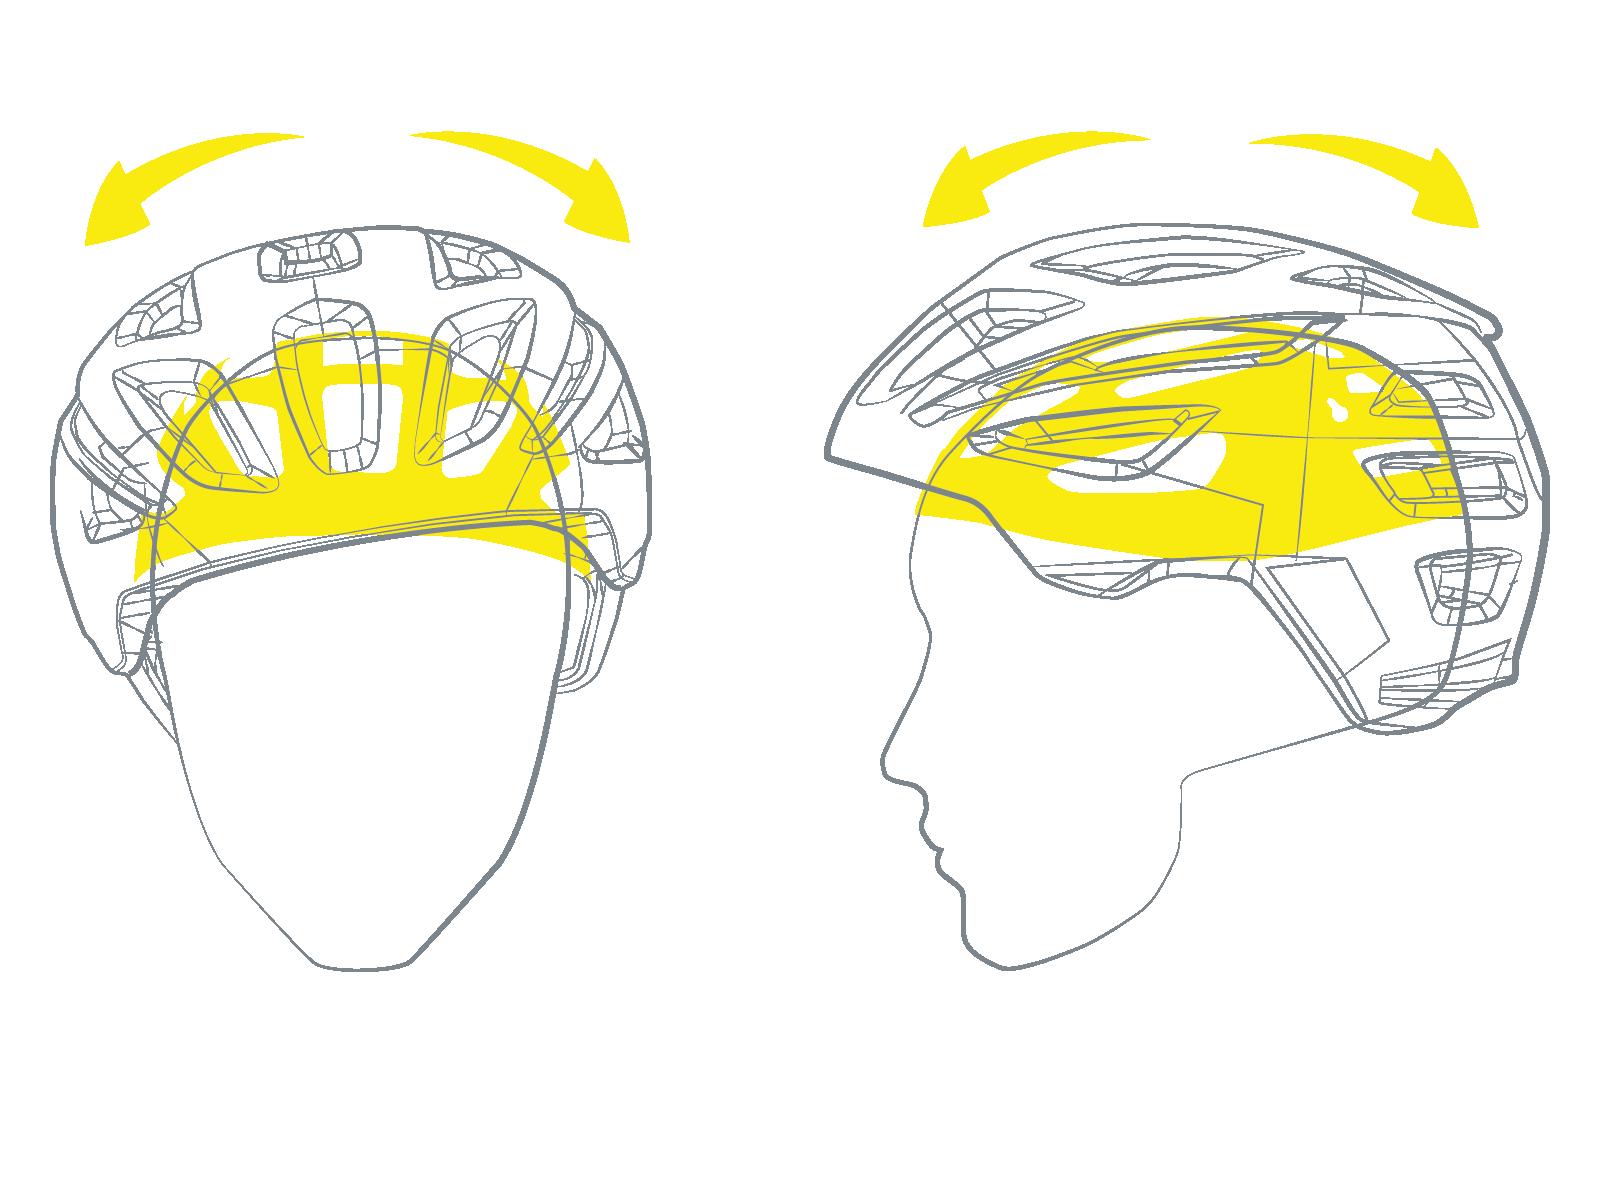 スペシャライズドのヘルメットに衝撃保護システム mips mips sl が